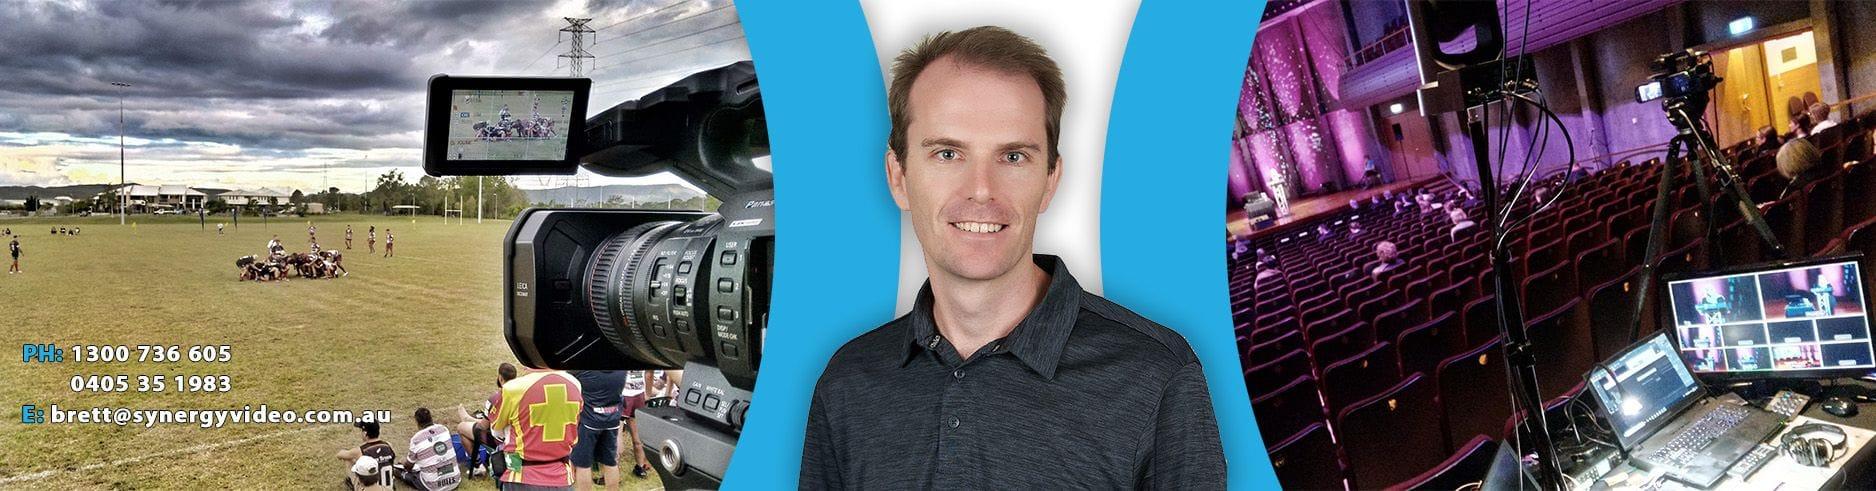 Brett Greig Resume | Synergy Video